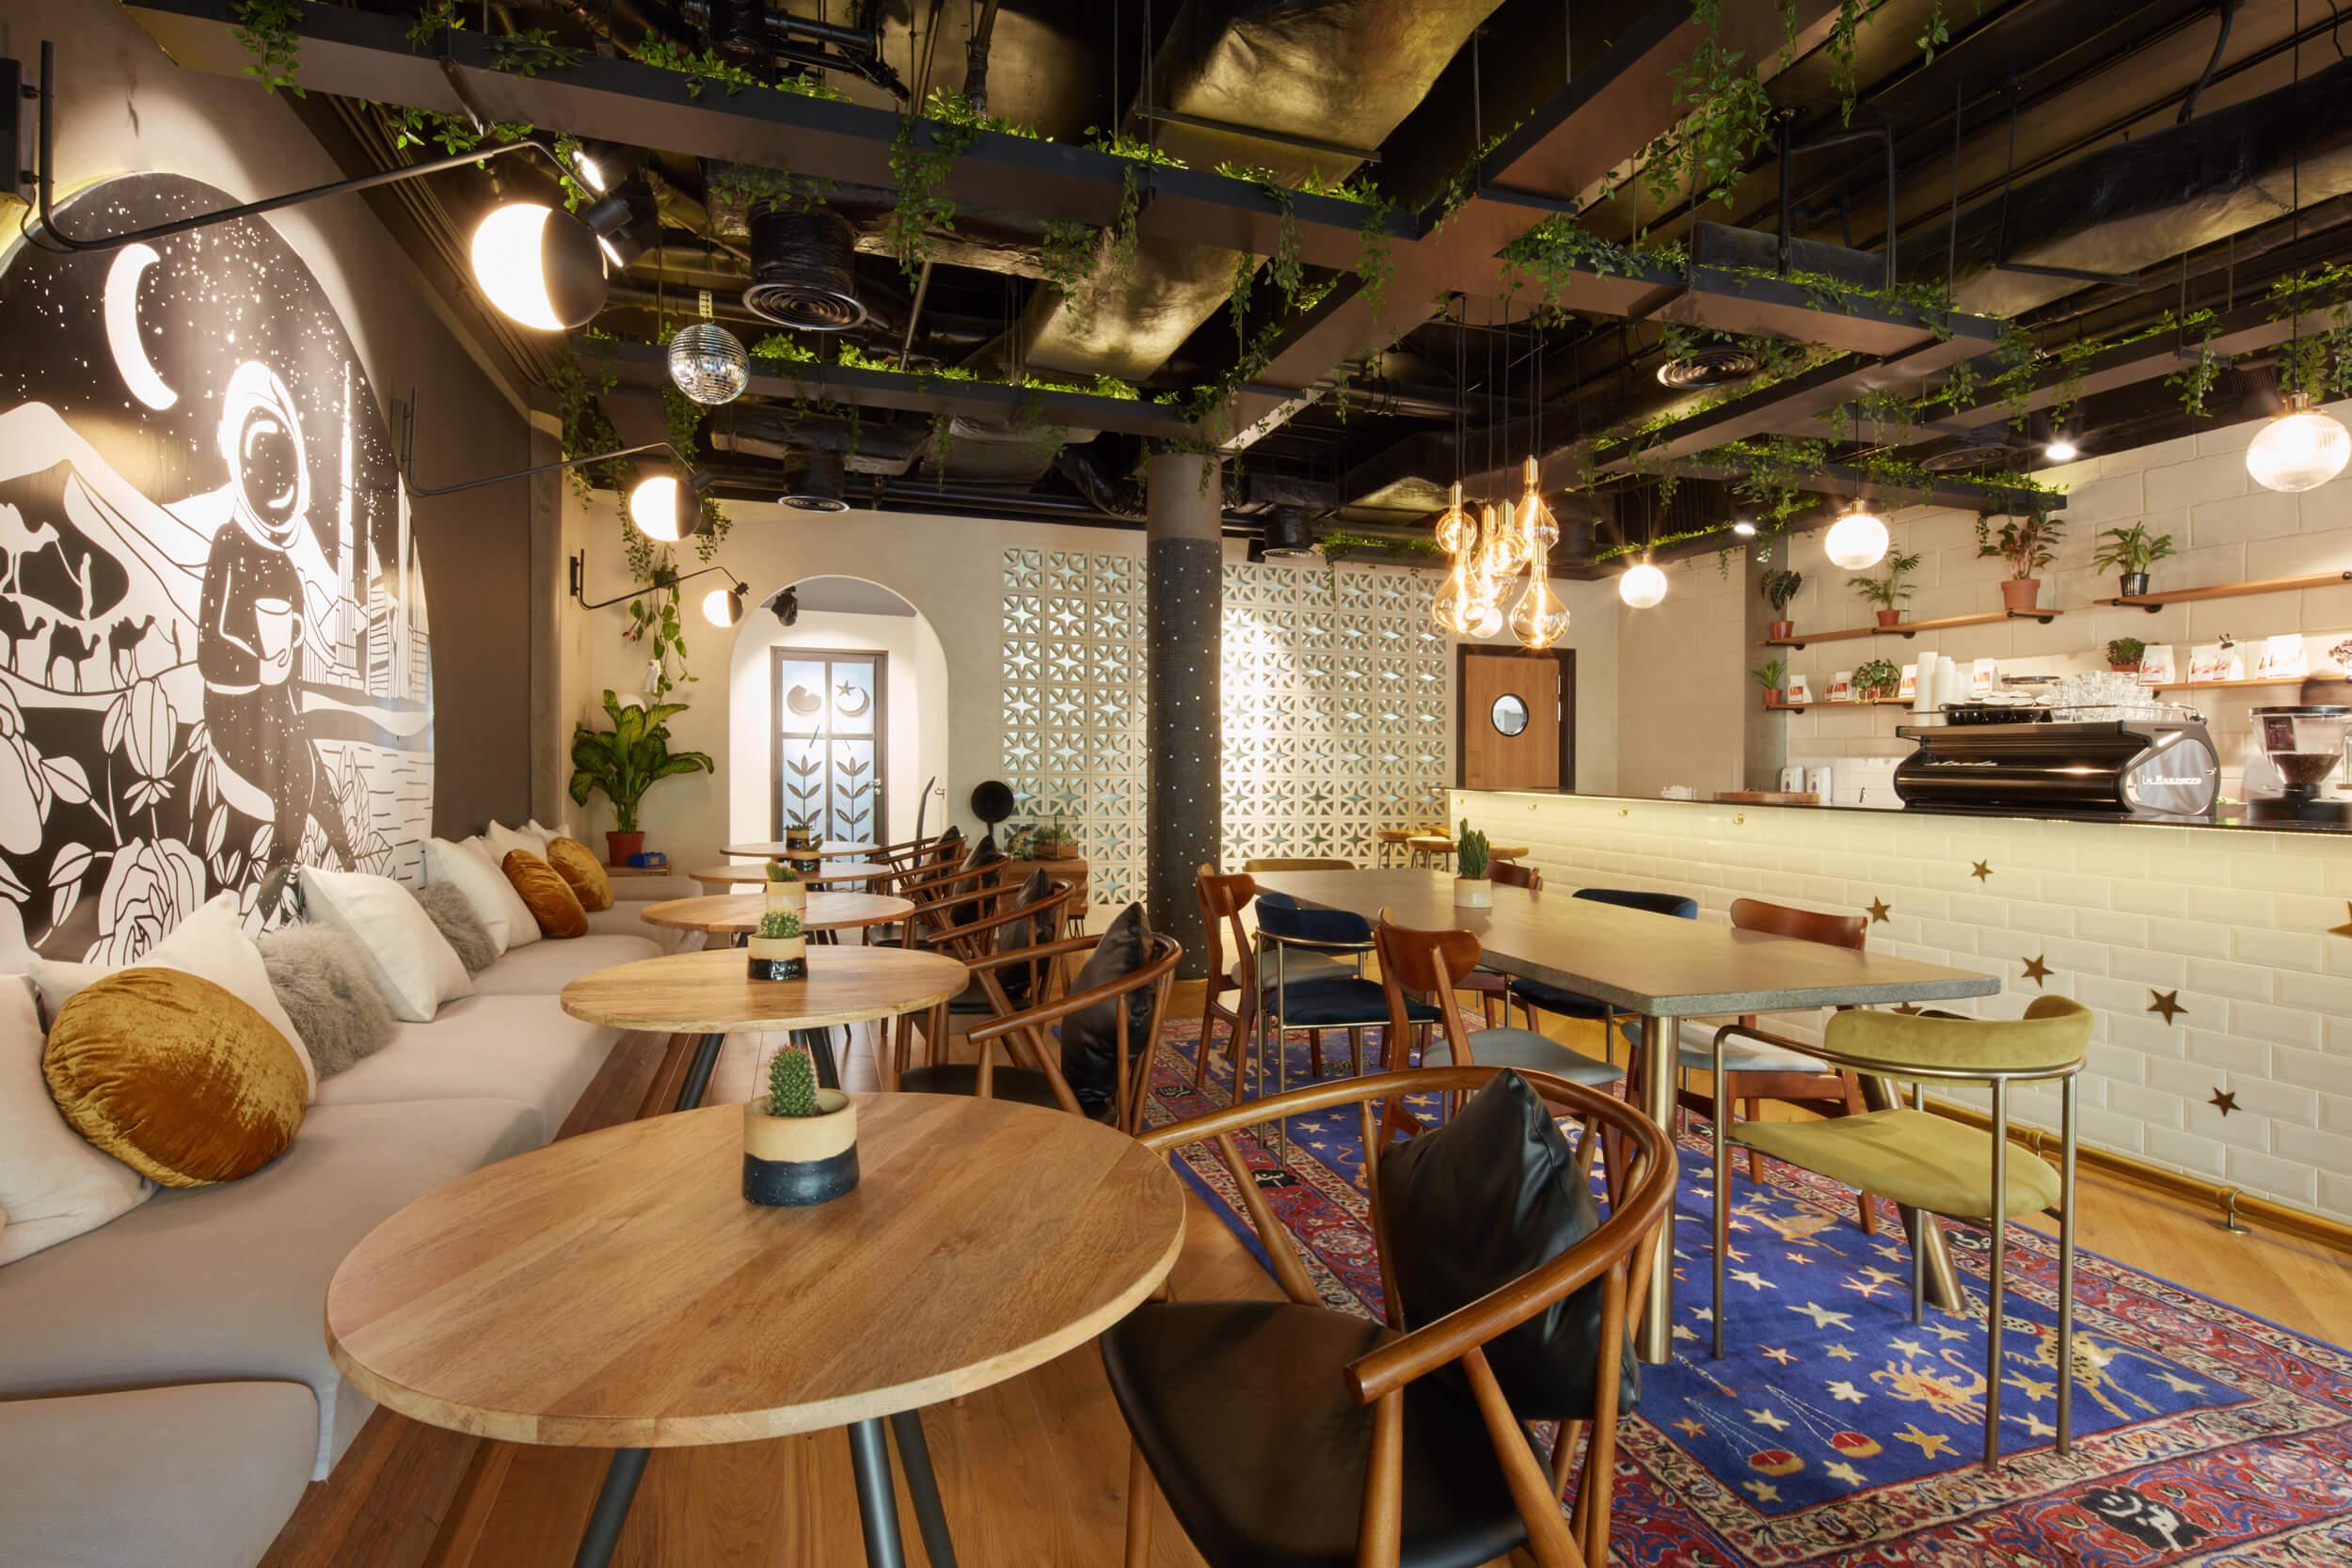 TTMB-Interior Design Company in UAE